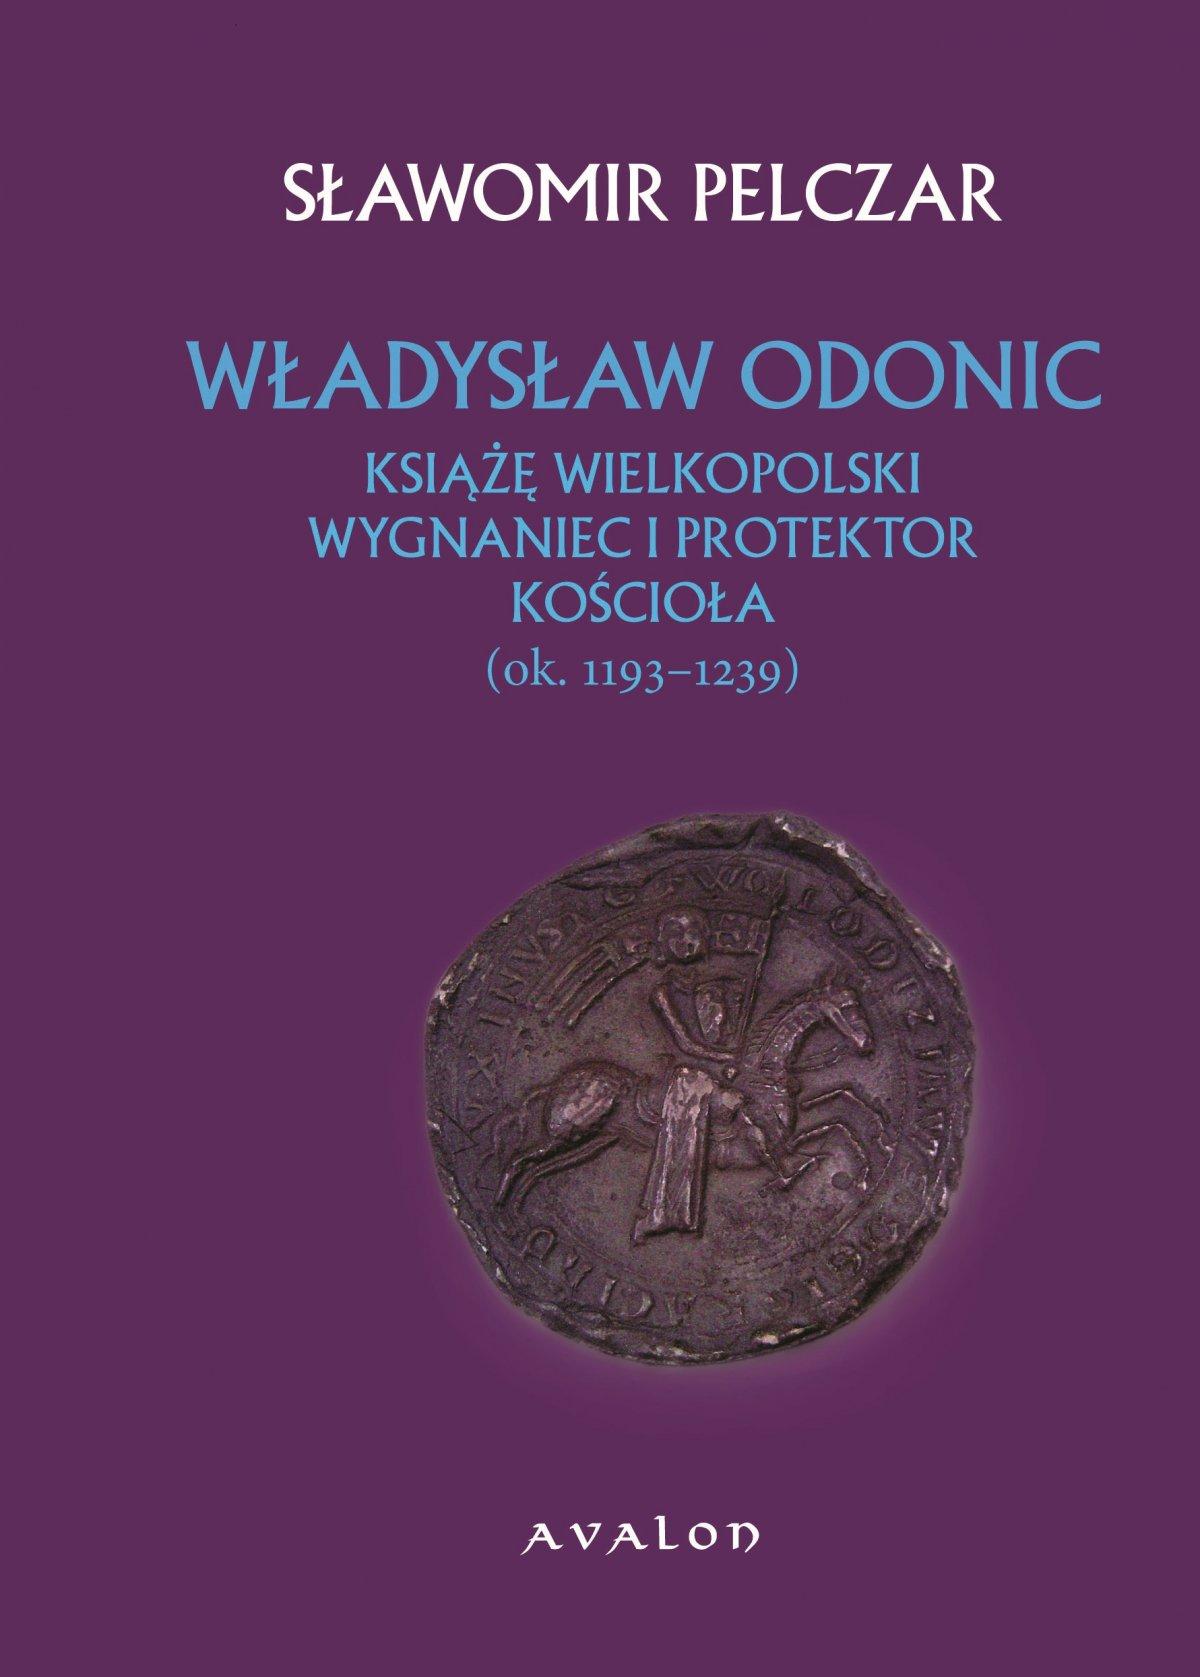 Władysław Odonic. Książę wielkopolski, wygnaniec i protektor Kościoła (ok. 1193-1239) - Ebook (Książka PDF) do pobrania w formacie PDF